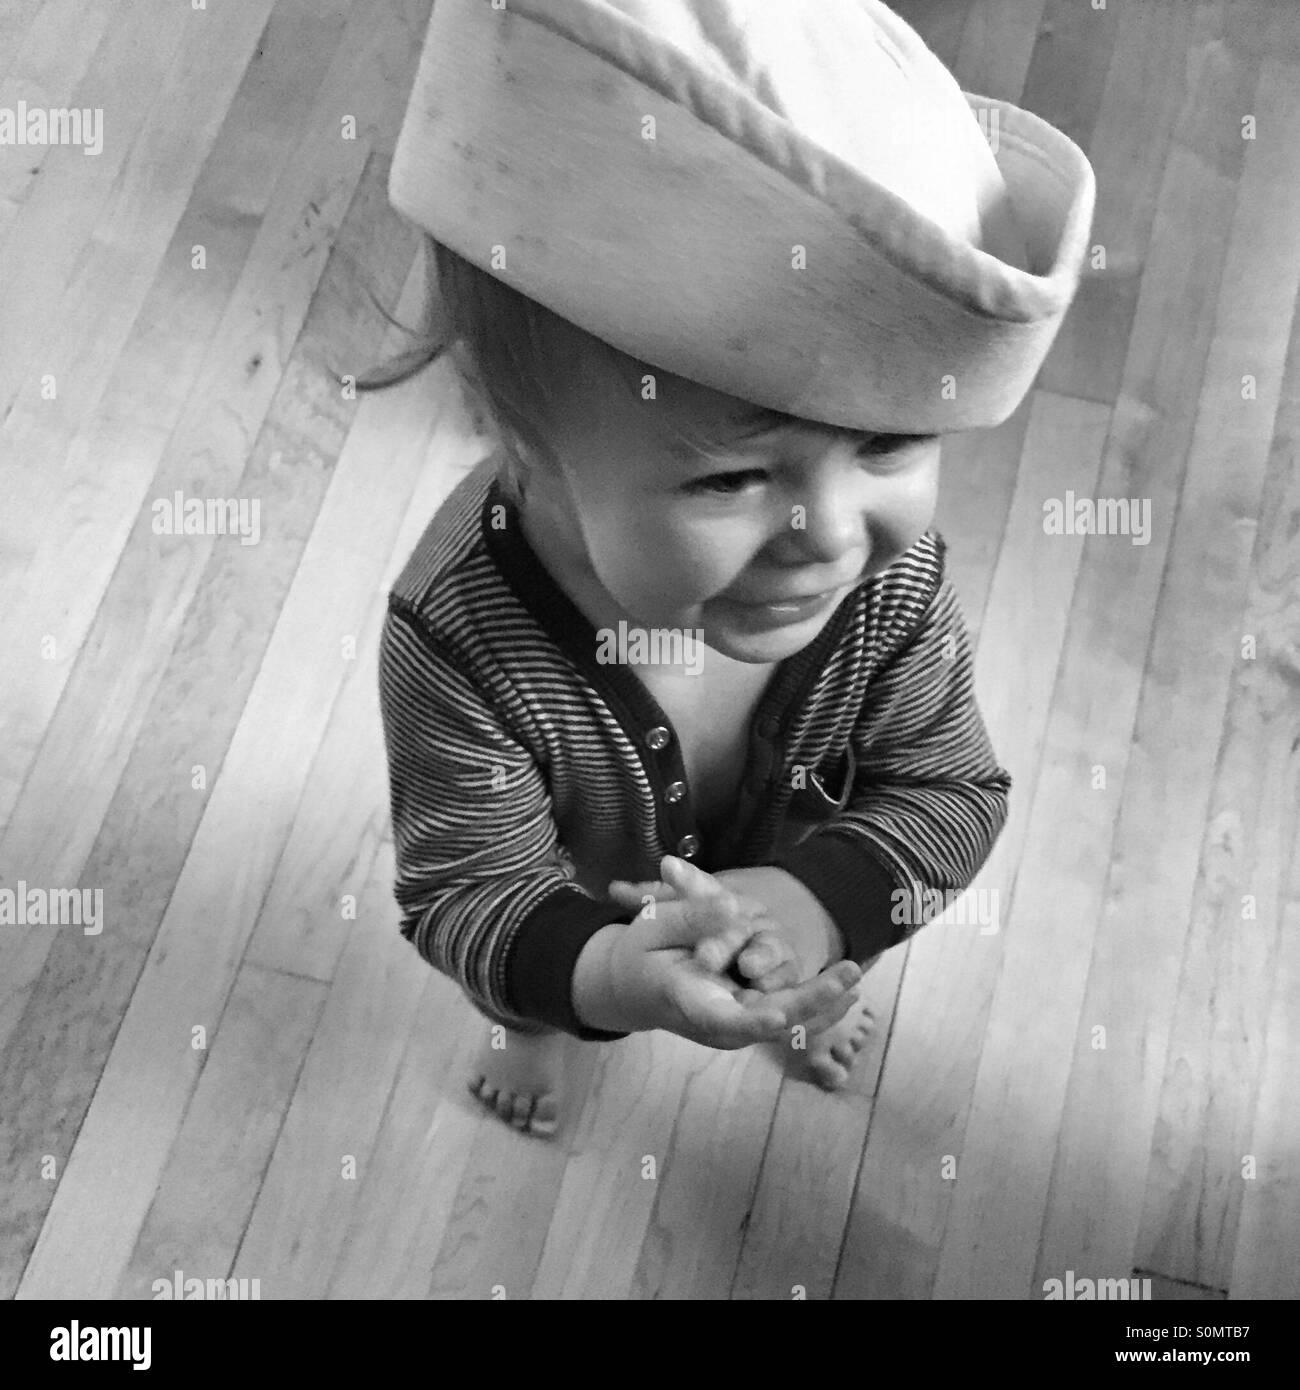 Schwarz / weiß Foto eines glücklichen Kleinkindes ein einheitliches Seemann Hut von der Marine Stockbild